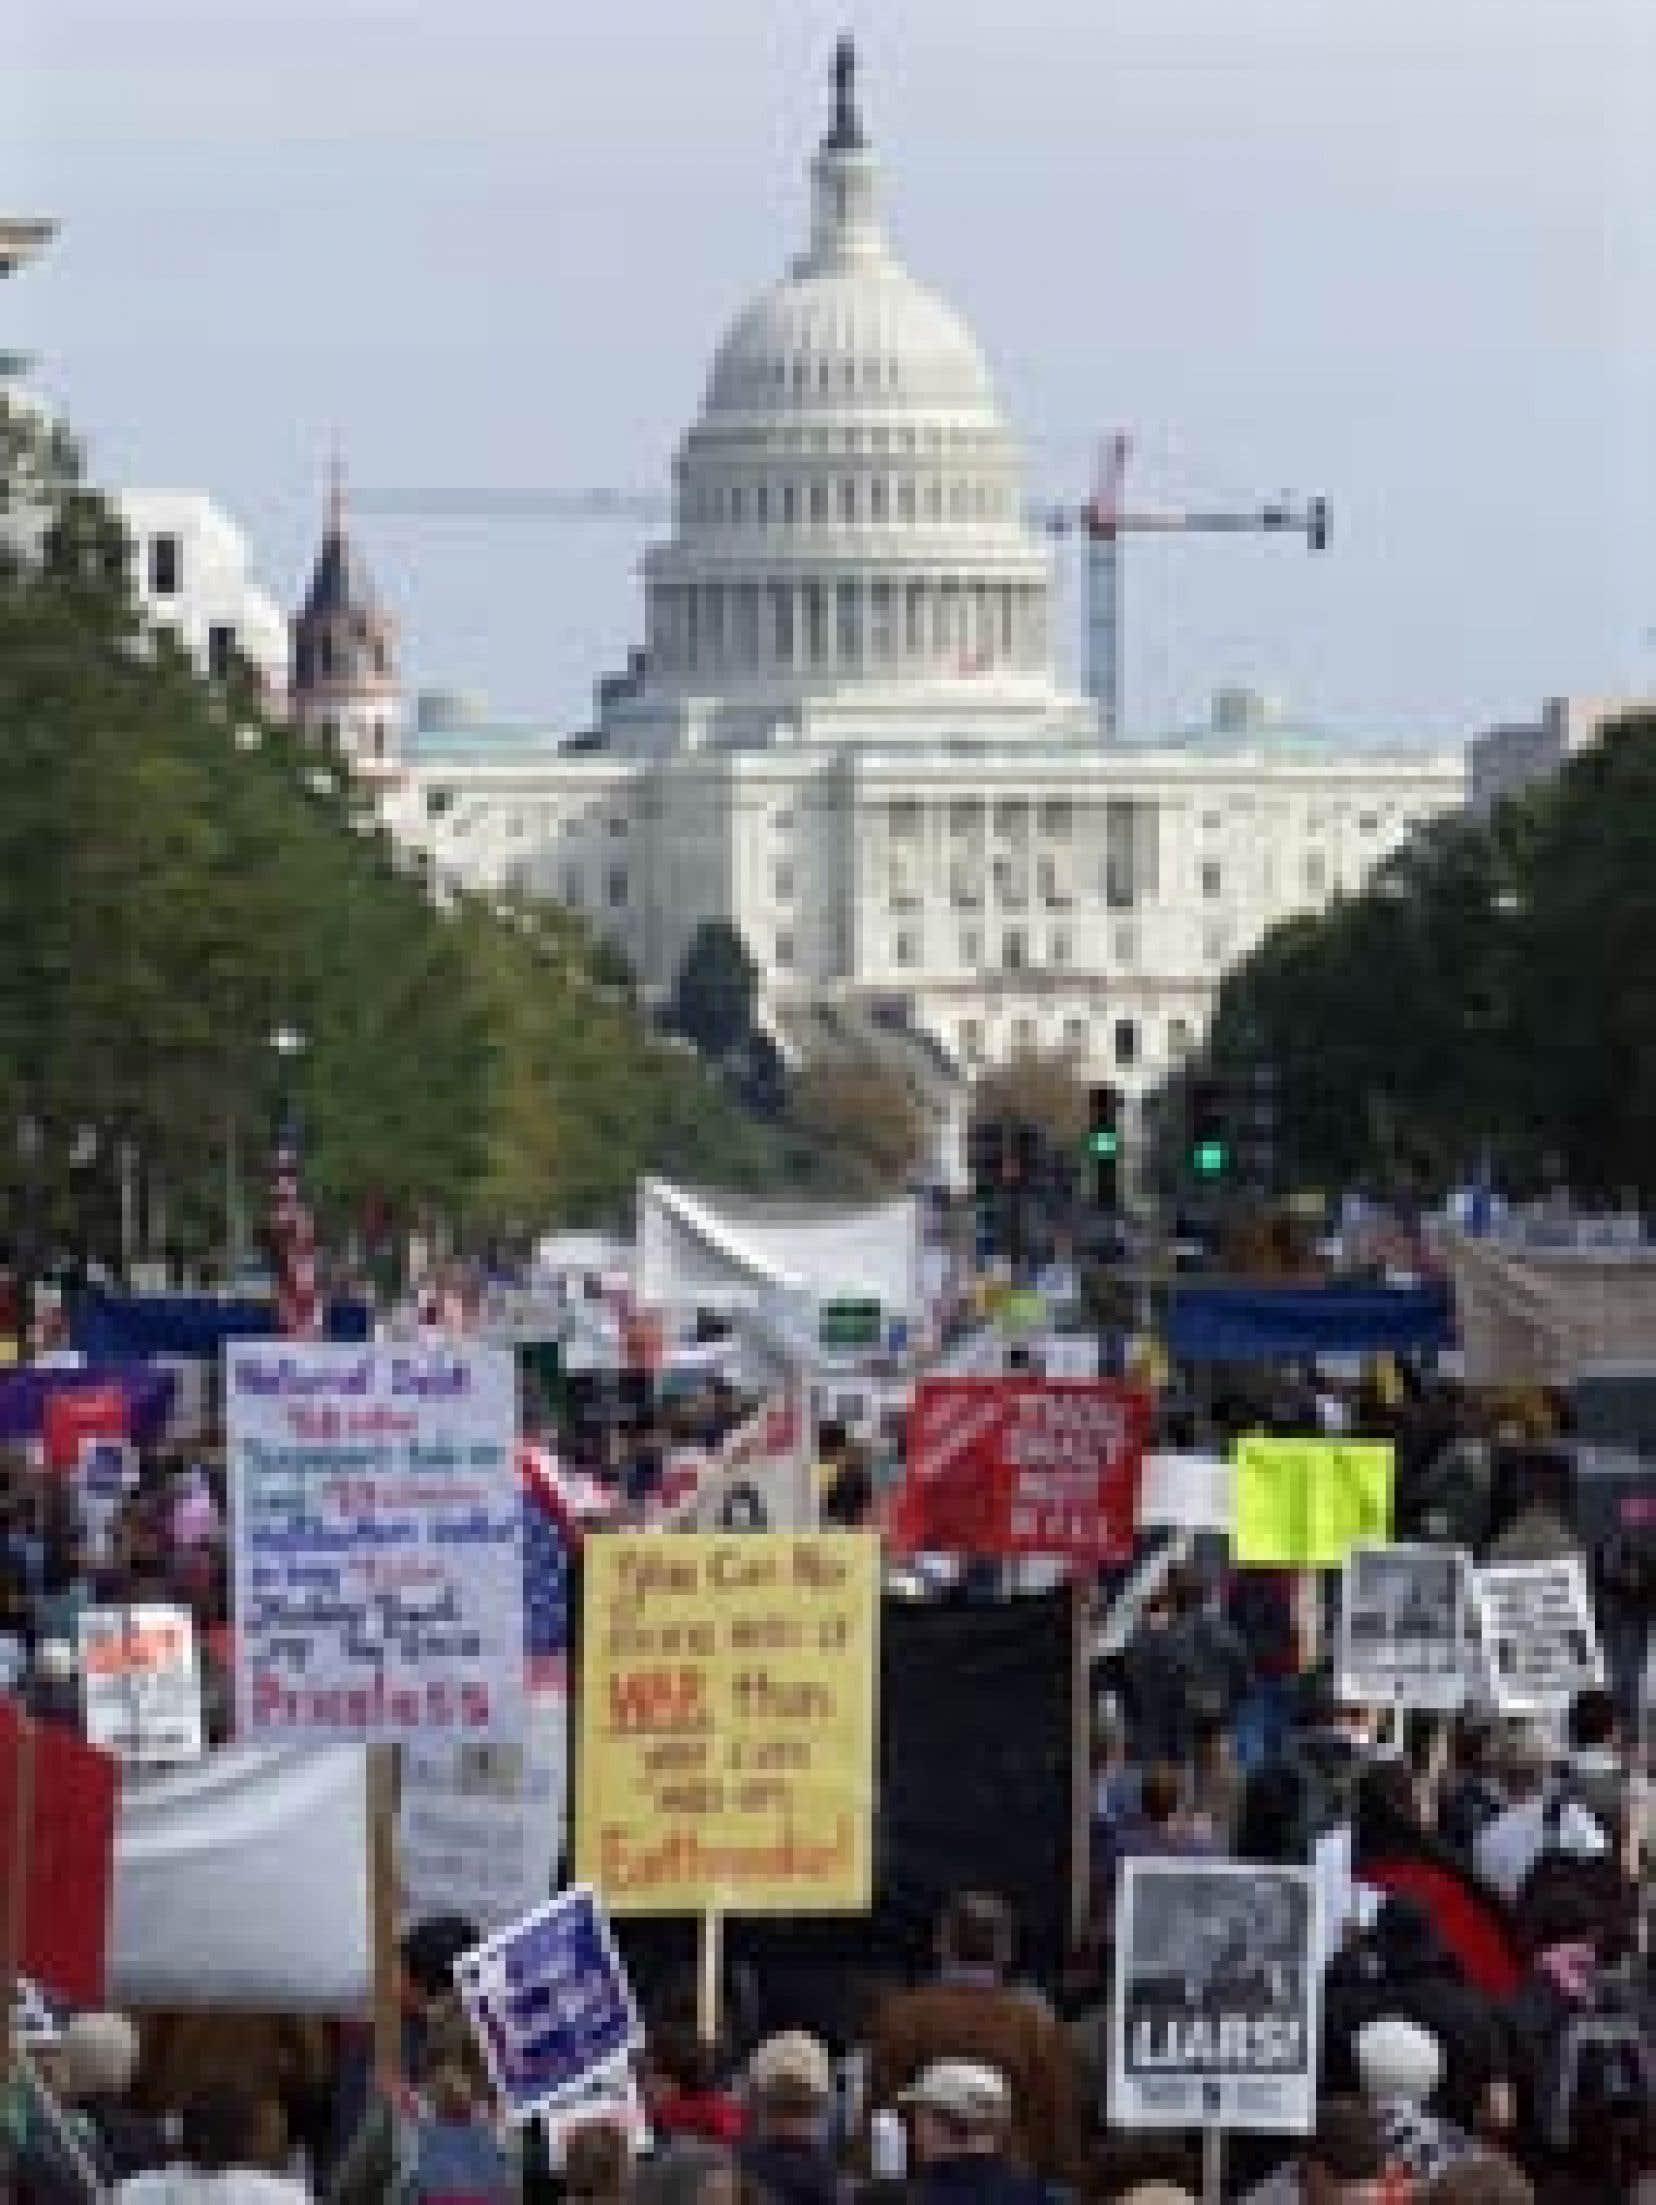 En octobre 2003, plusieurs milliers de manifestants s'étaient rassemblés à Washington pour protester contre la guerre en Irak.